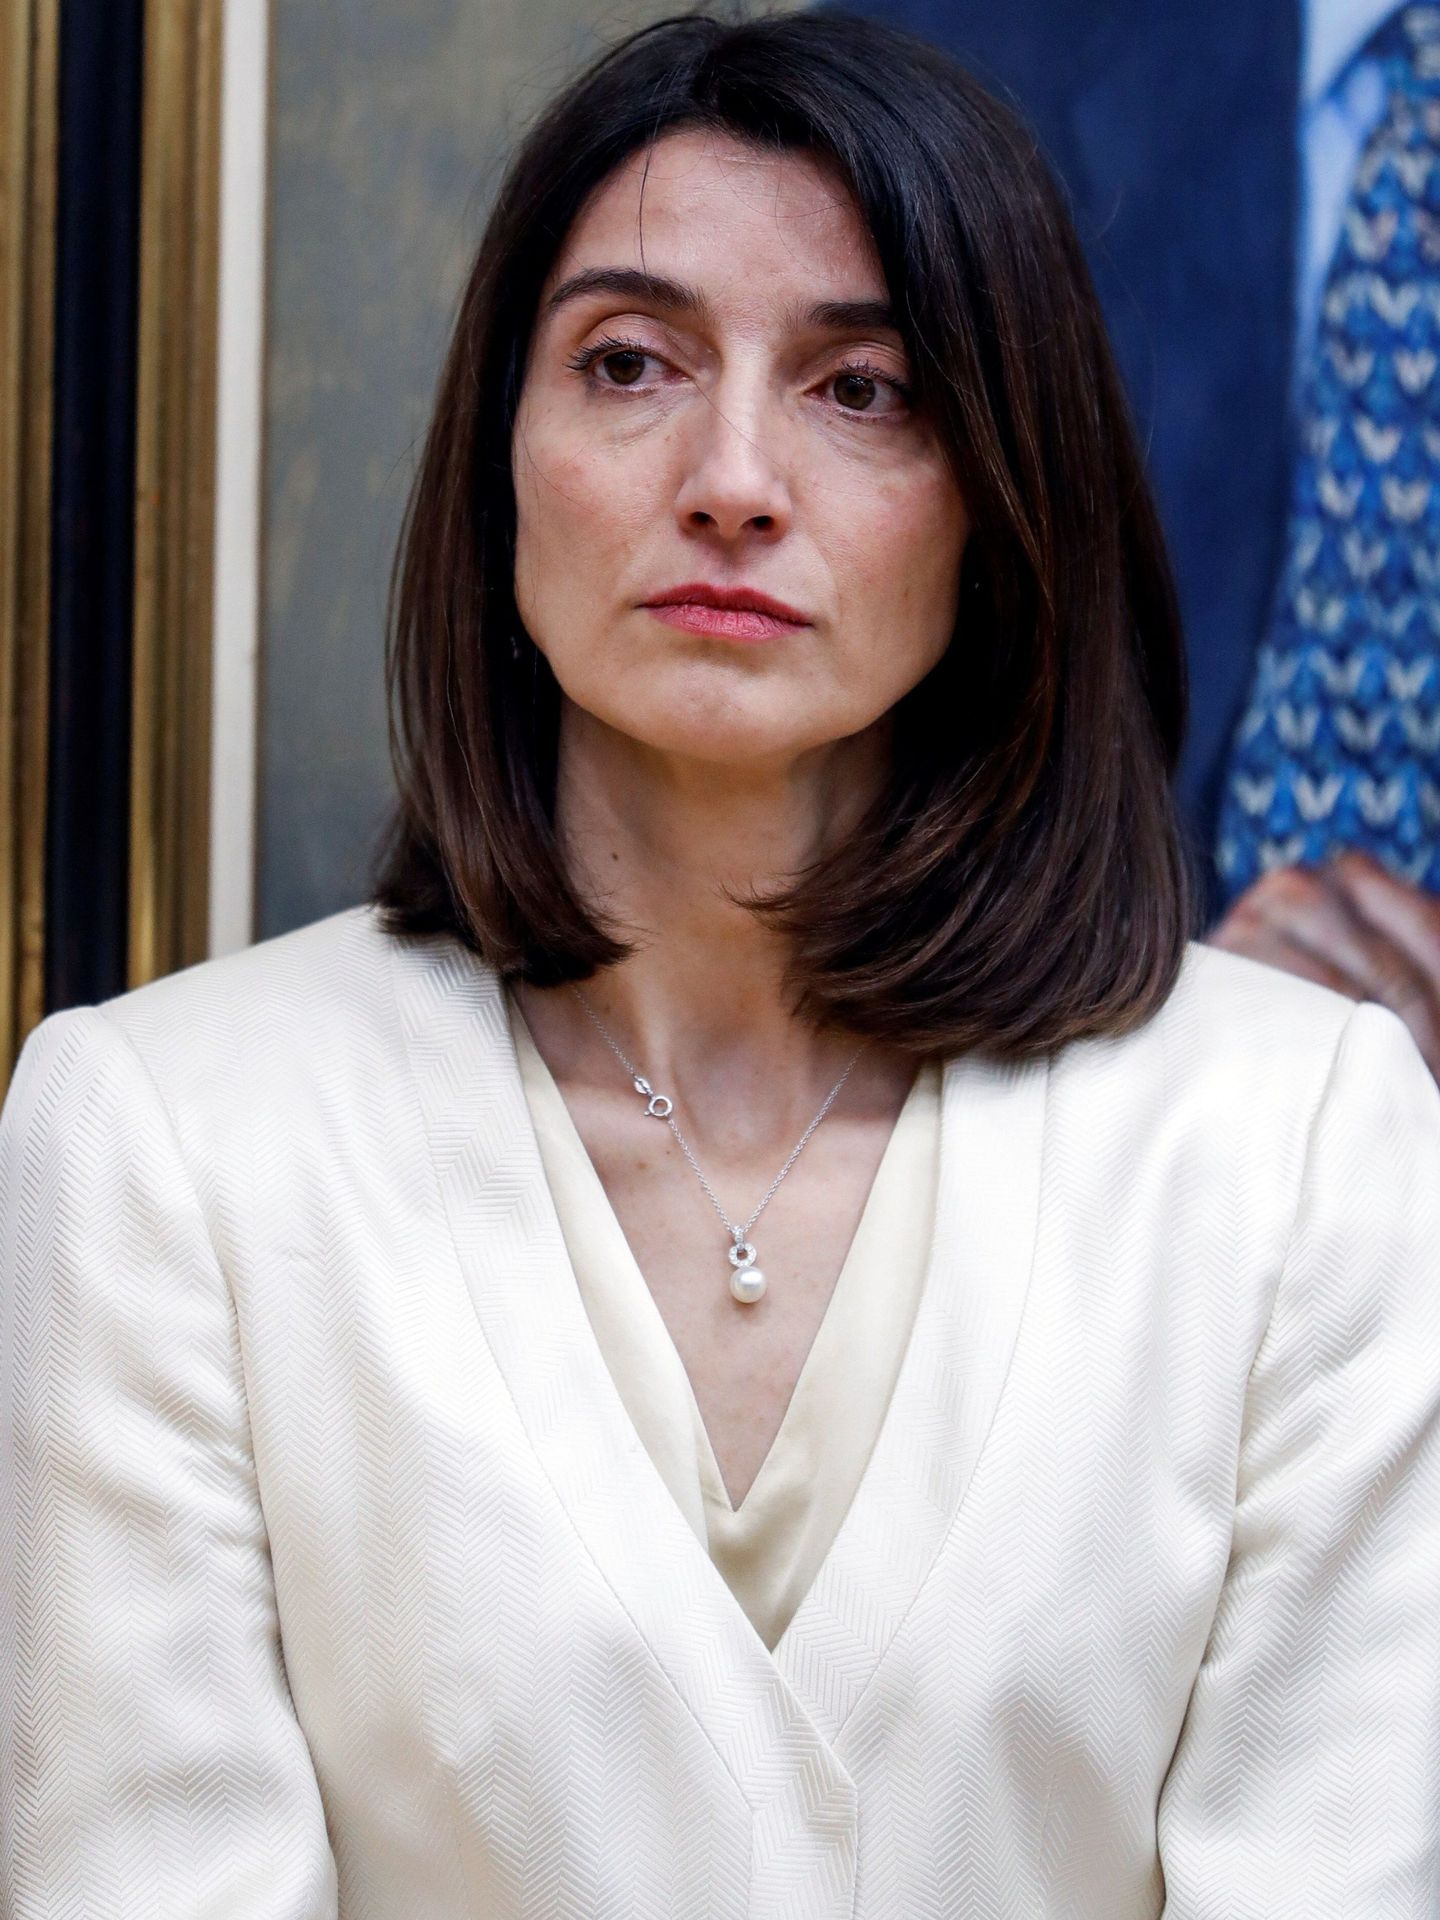 Pilar Llop, el pasado 24 de julio, en su toma de posesión como delegada del Gobierno para la Violencia de Género. (EFE)